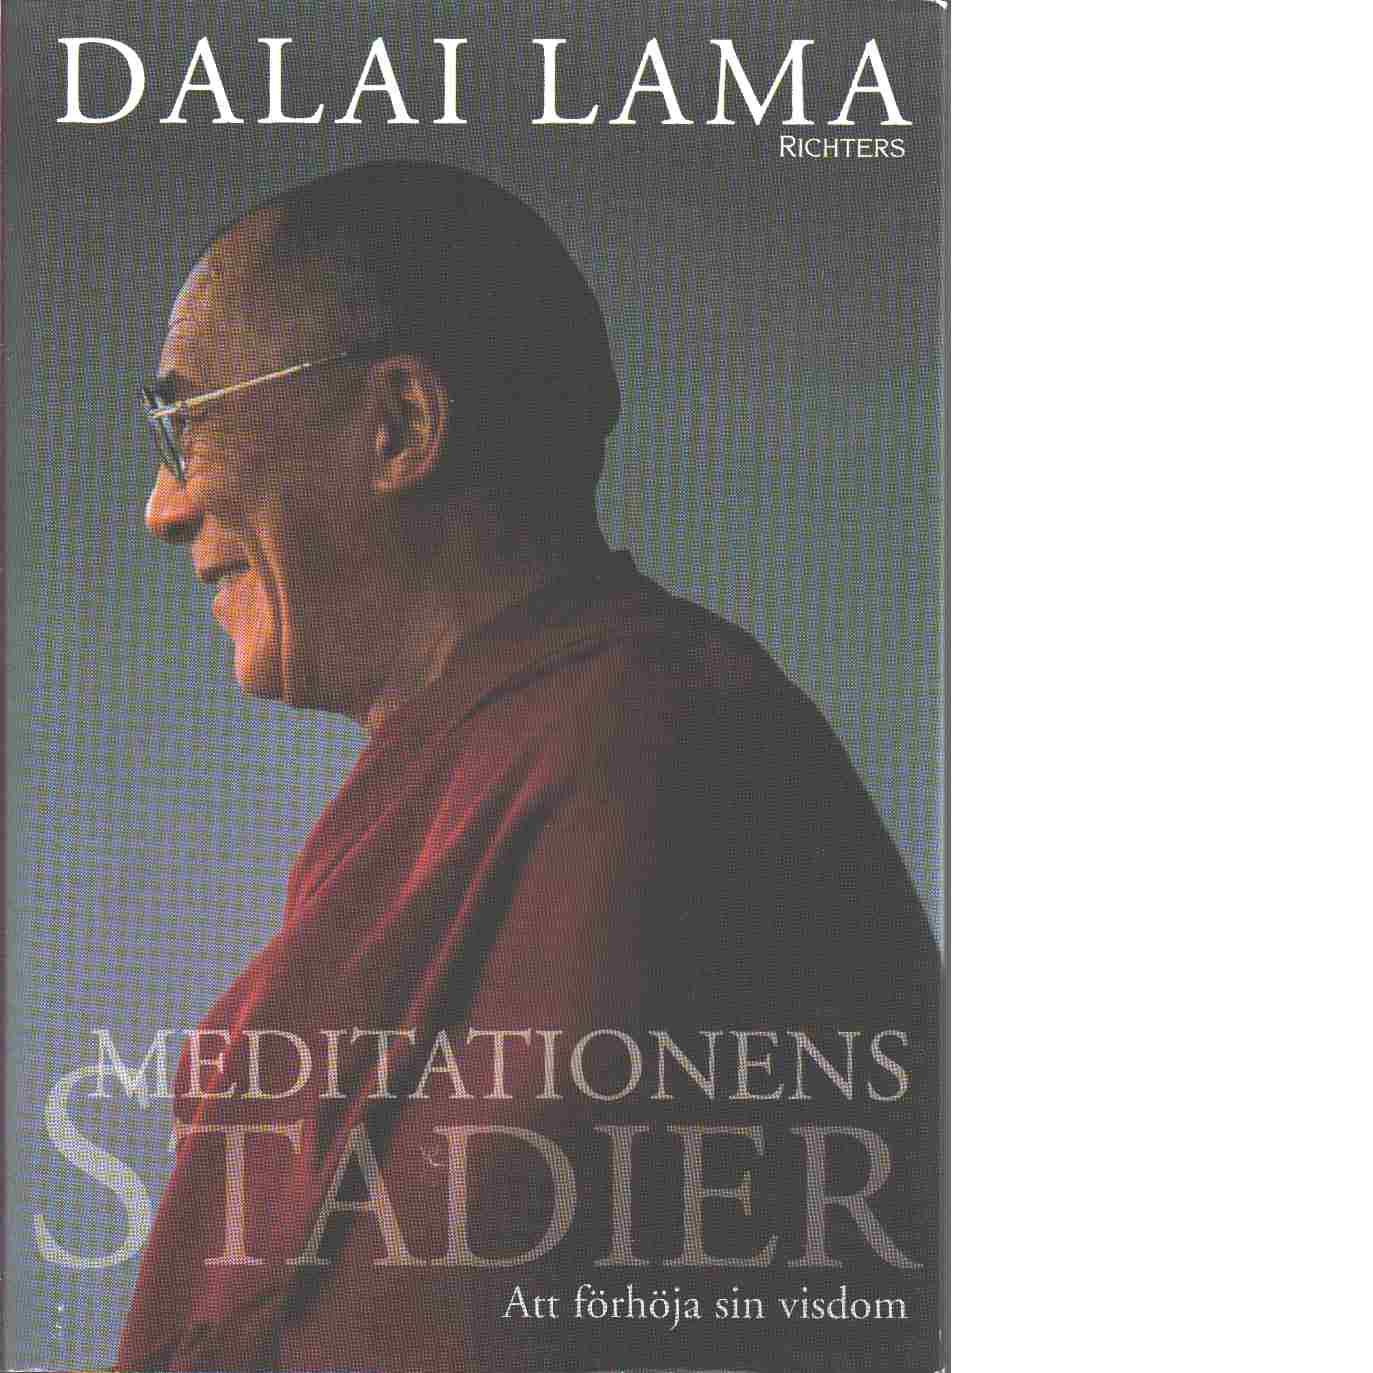 Meditationens stadier : att förhöja sin visdom - Bstan-'dzin-rgya-mtsho Lama Dalai